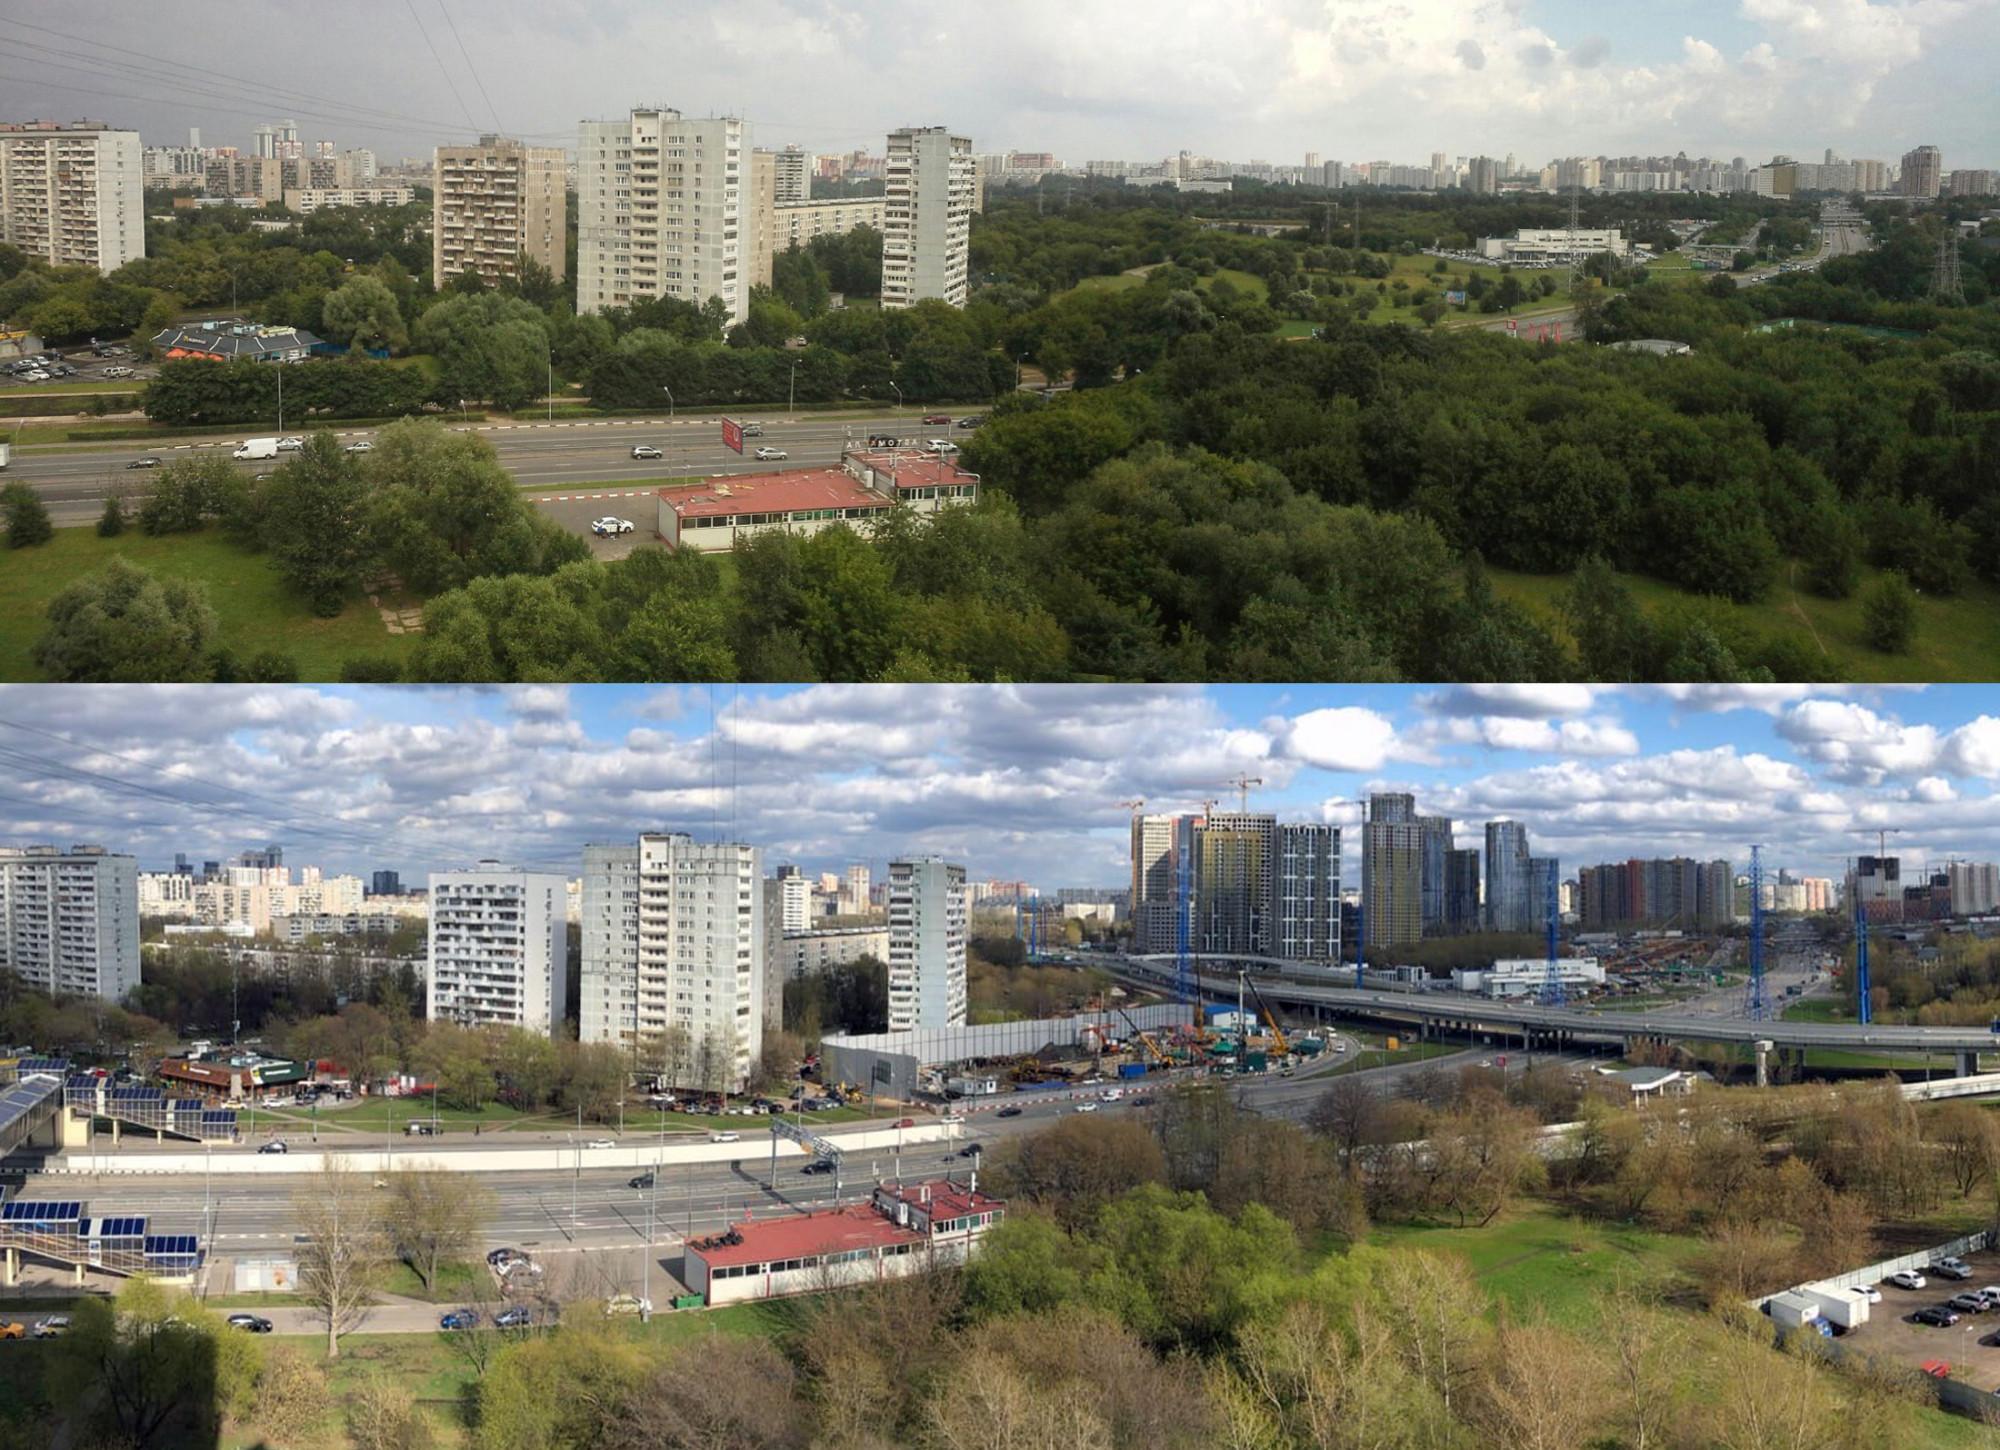 Аминьевское шоссе 10 лет спустя (2011-2021)